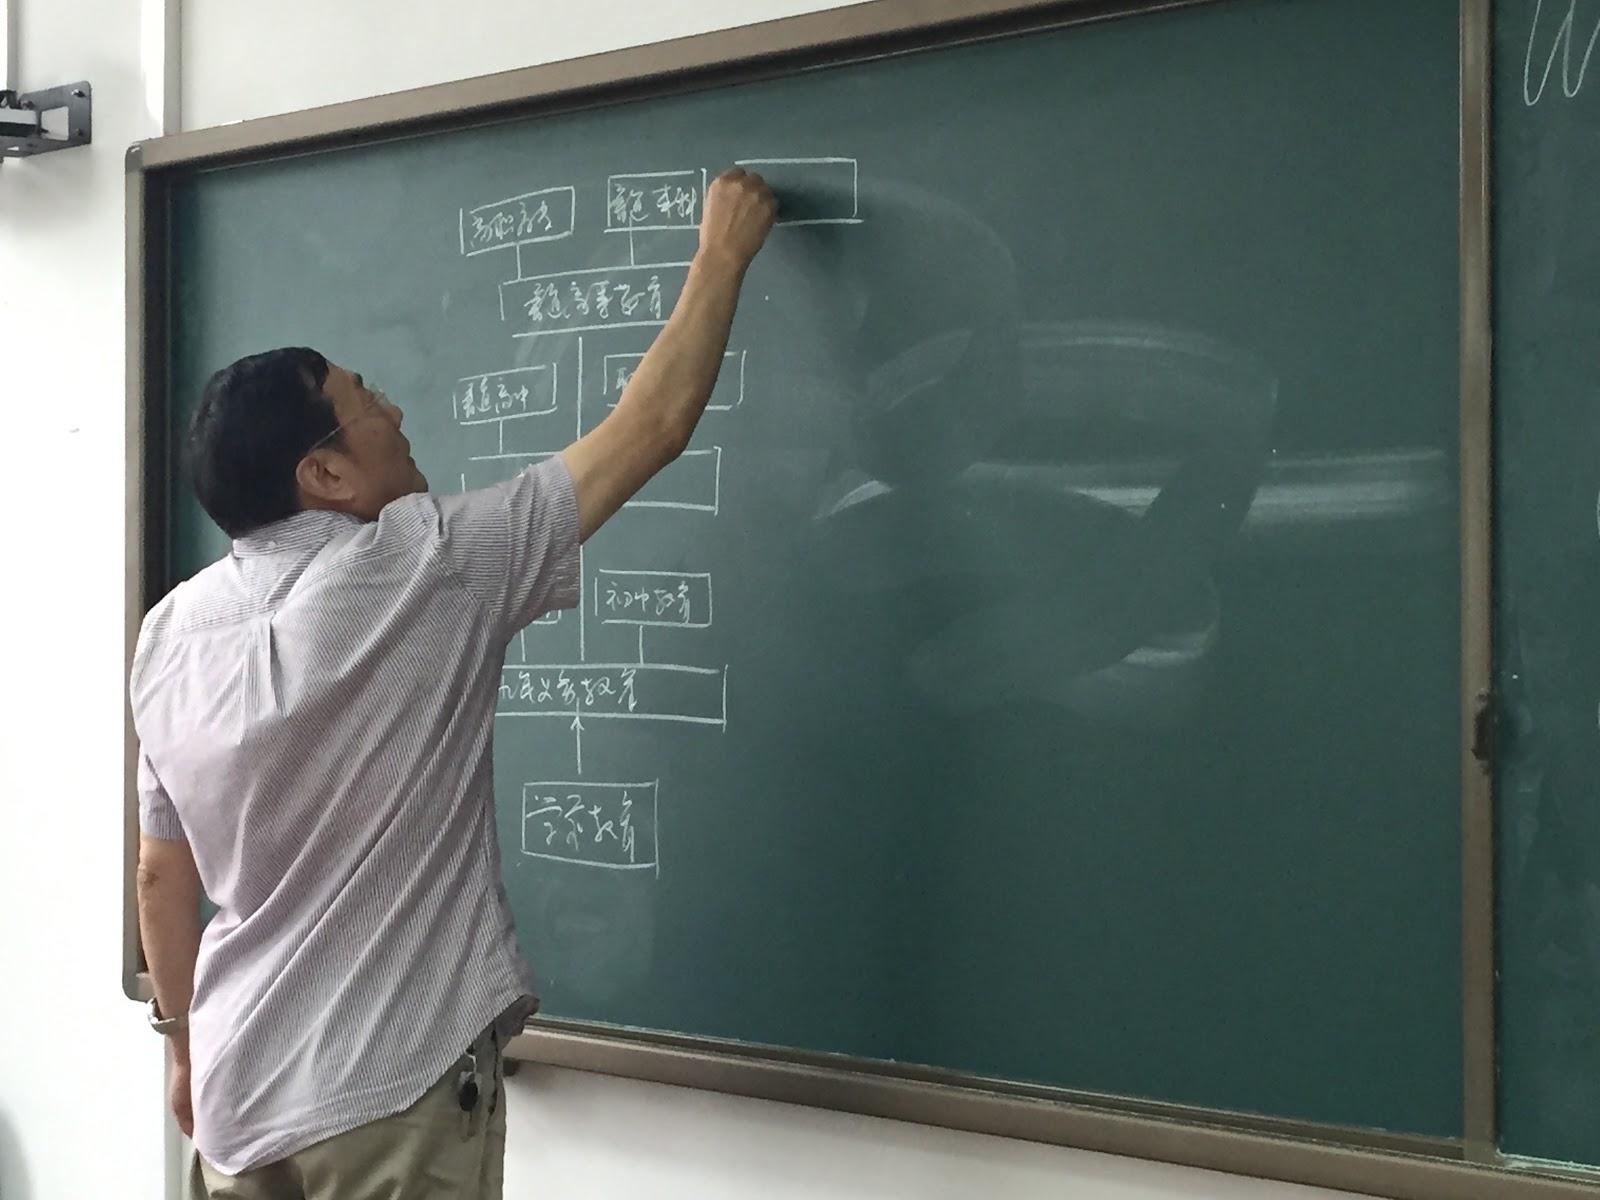 Kiinalainen koulutusrakenne varhaiskasvatuksesta ylöspäin korkea-asteelle ja tohtoriopintoihin.